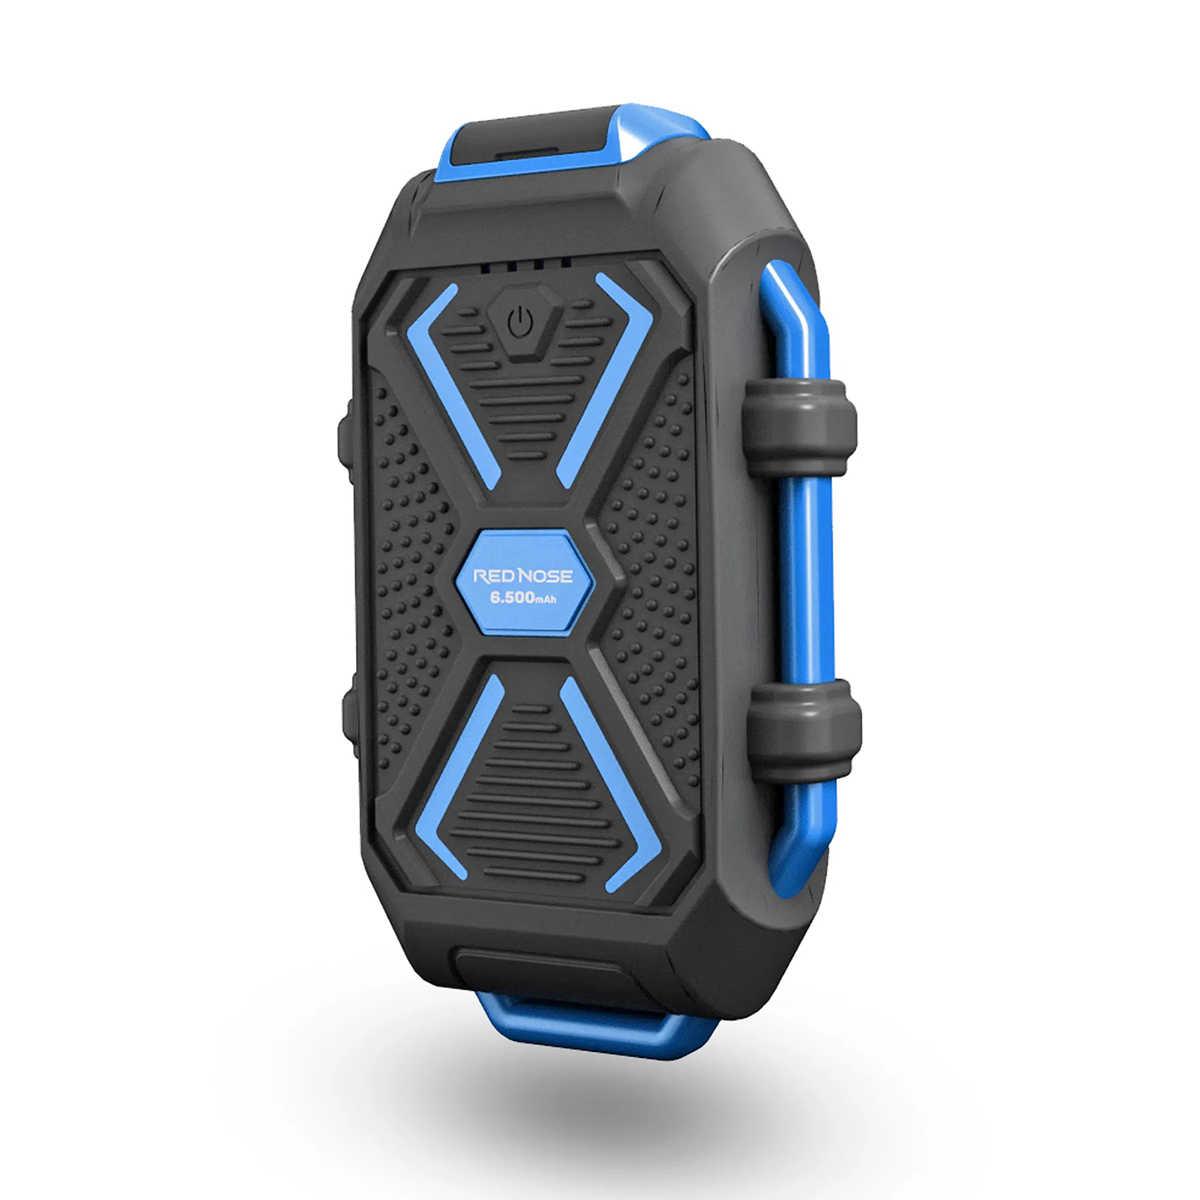 Power Bank Ultra resistente para Esportistas Radicais com 6.500mAh IP66 LED Indicador De Bateria ELG PB65RN Red Nose